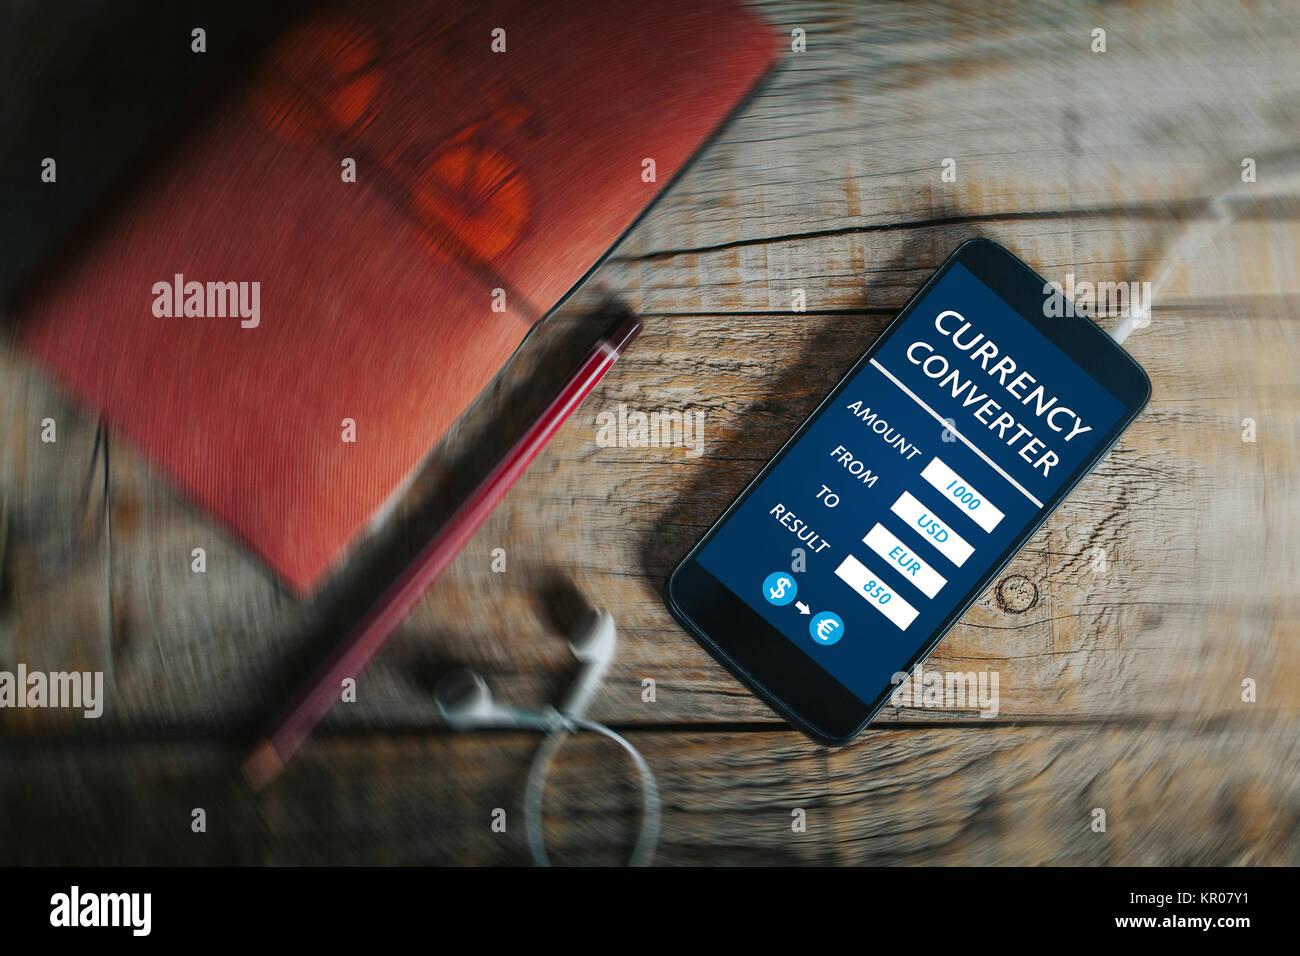 convertidor de divisas telfono mvil app en un telfono de pantalla sobre una mesa de negocios